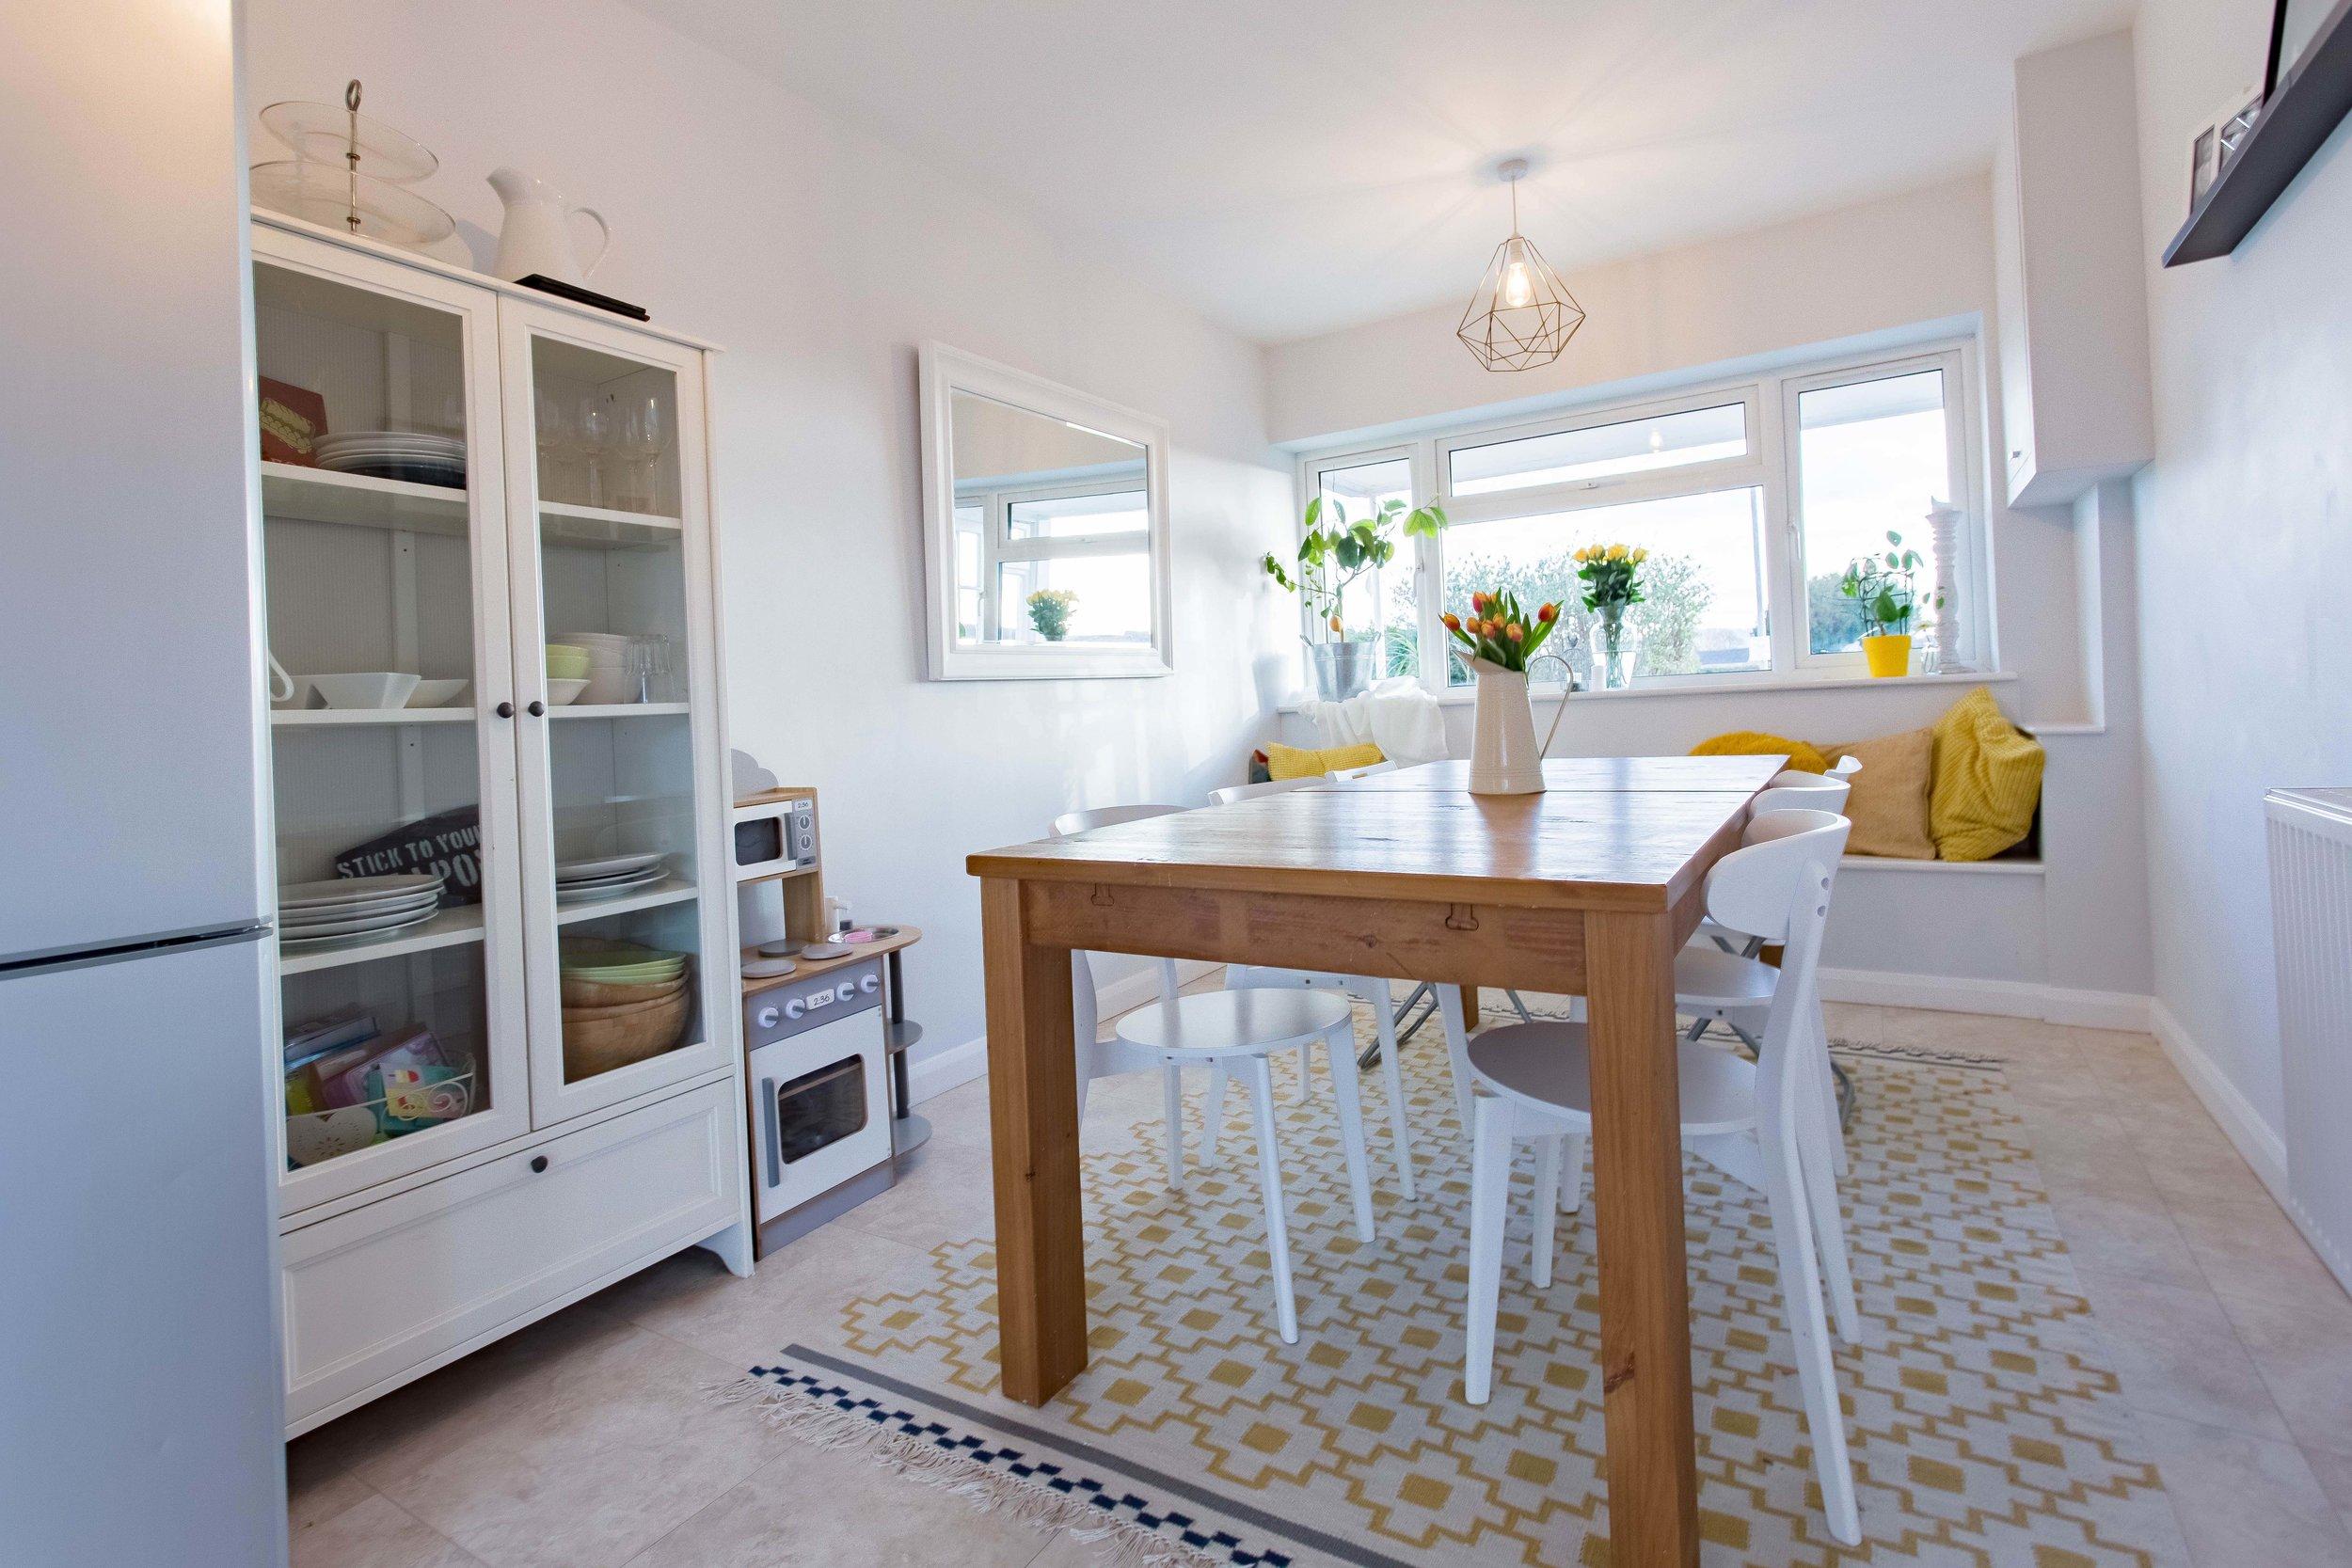 Kitchen Diningroom AfterIMG_9930-HDR copy.jpg